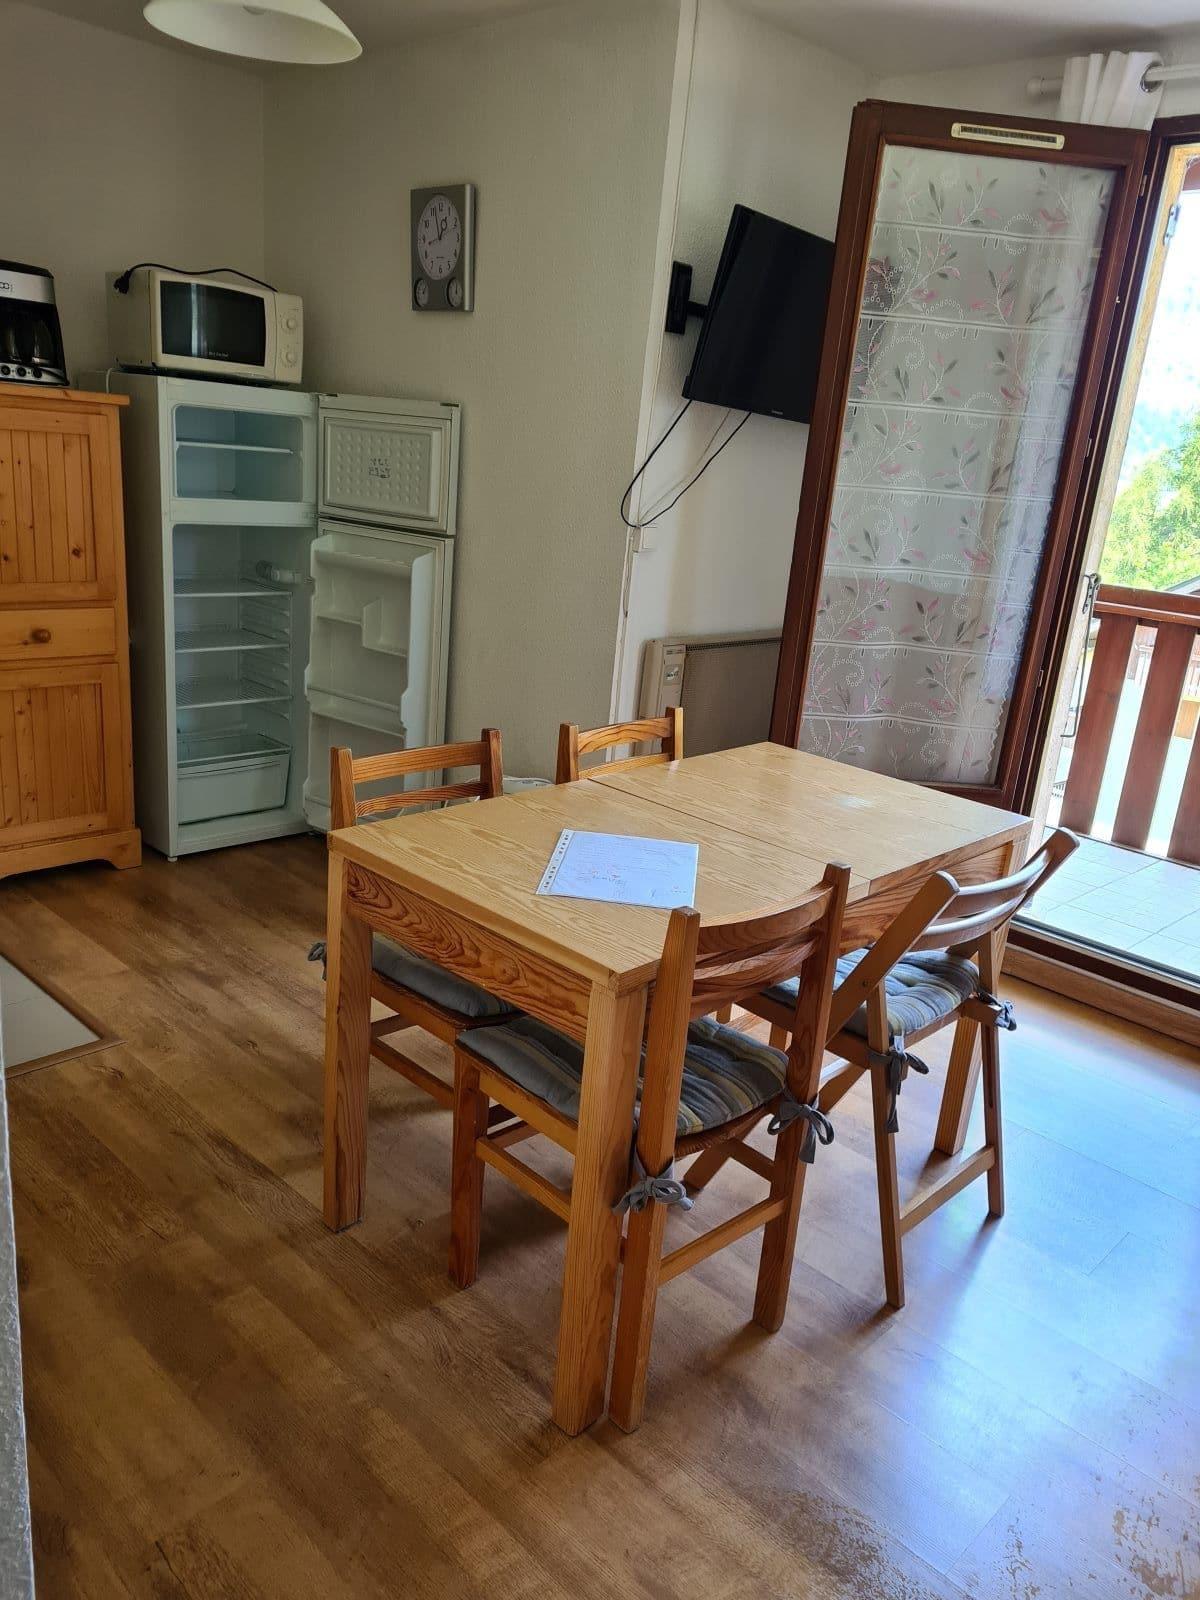 20210711 125522 - SAINT-LEGER-LES-MELEZES T2 DE 26 m² (6 COUCHAGES) AVEC BALCON ET ASCENSEUR